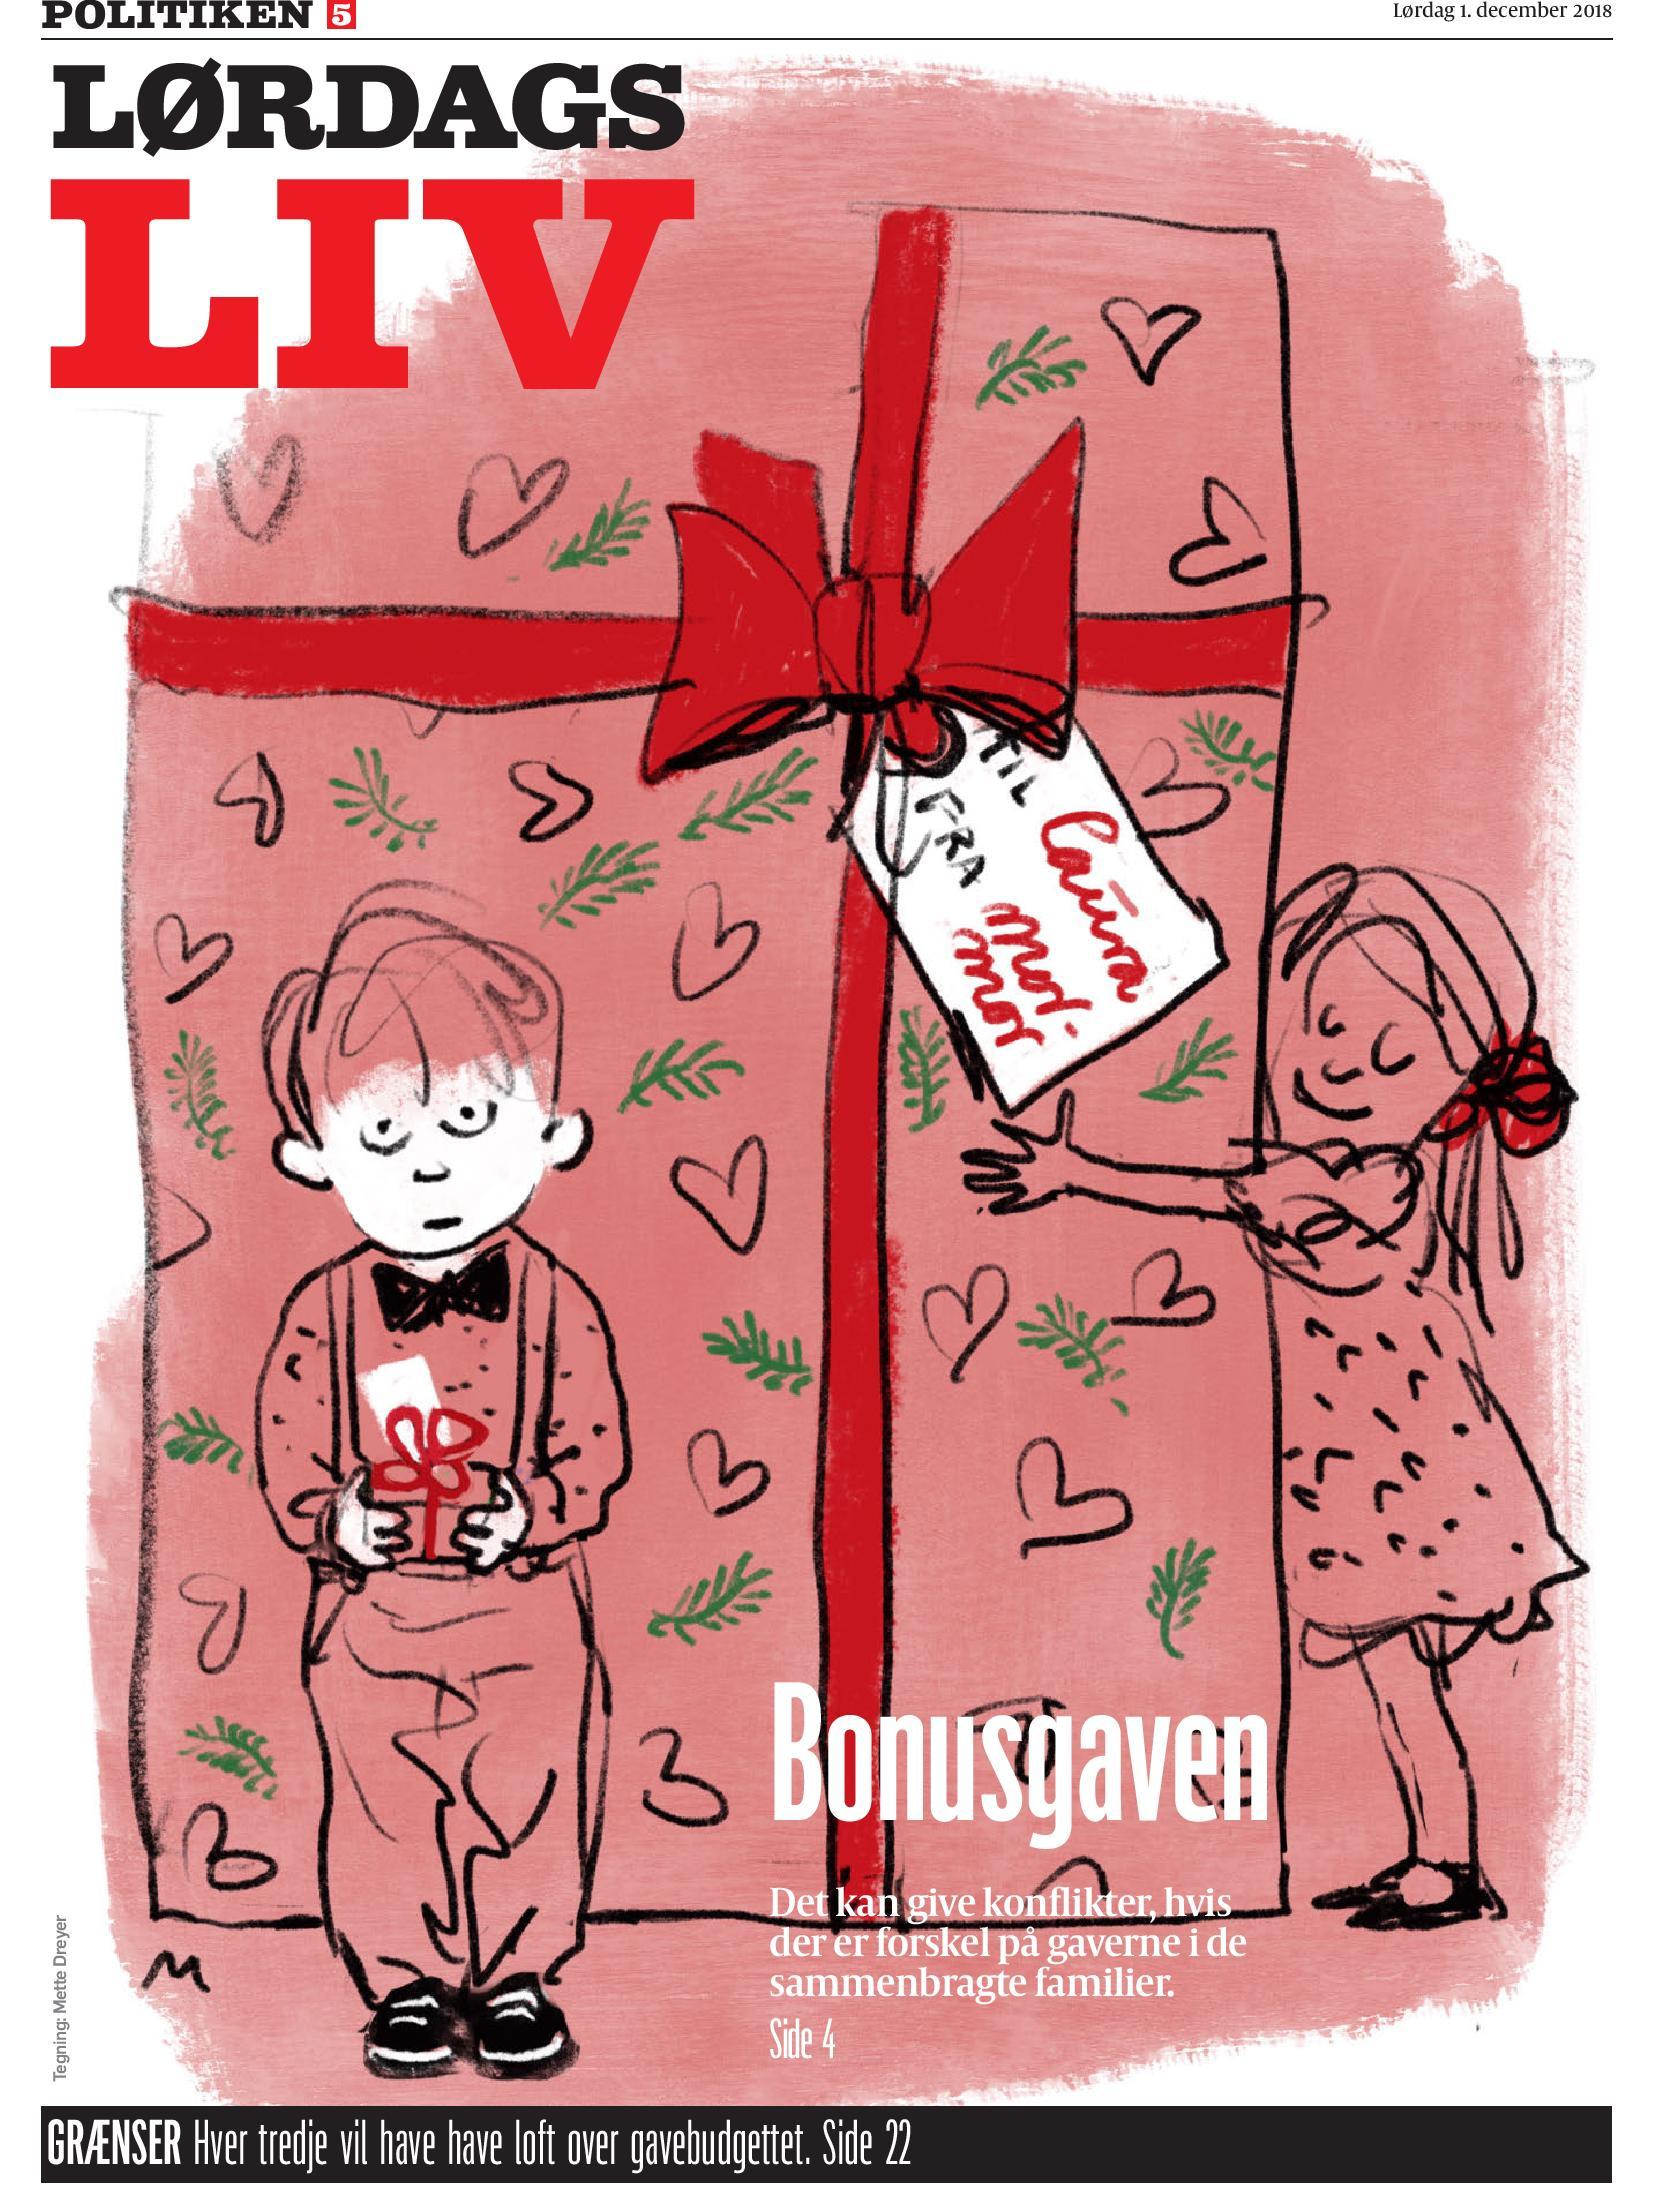 Jul (3 udgivelser)